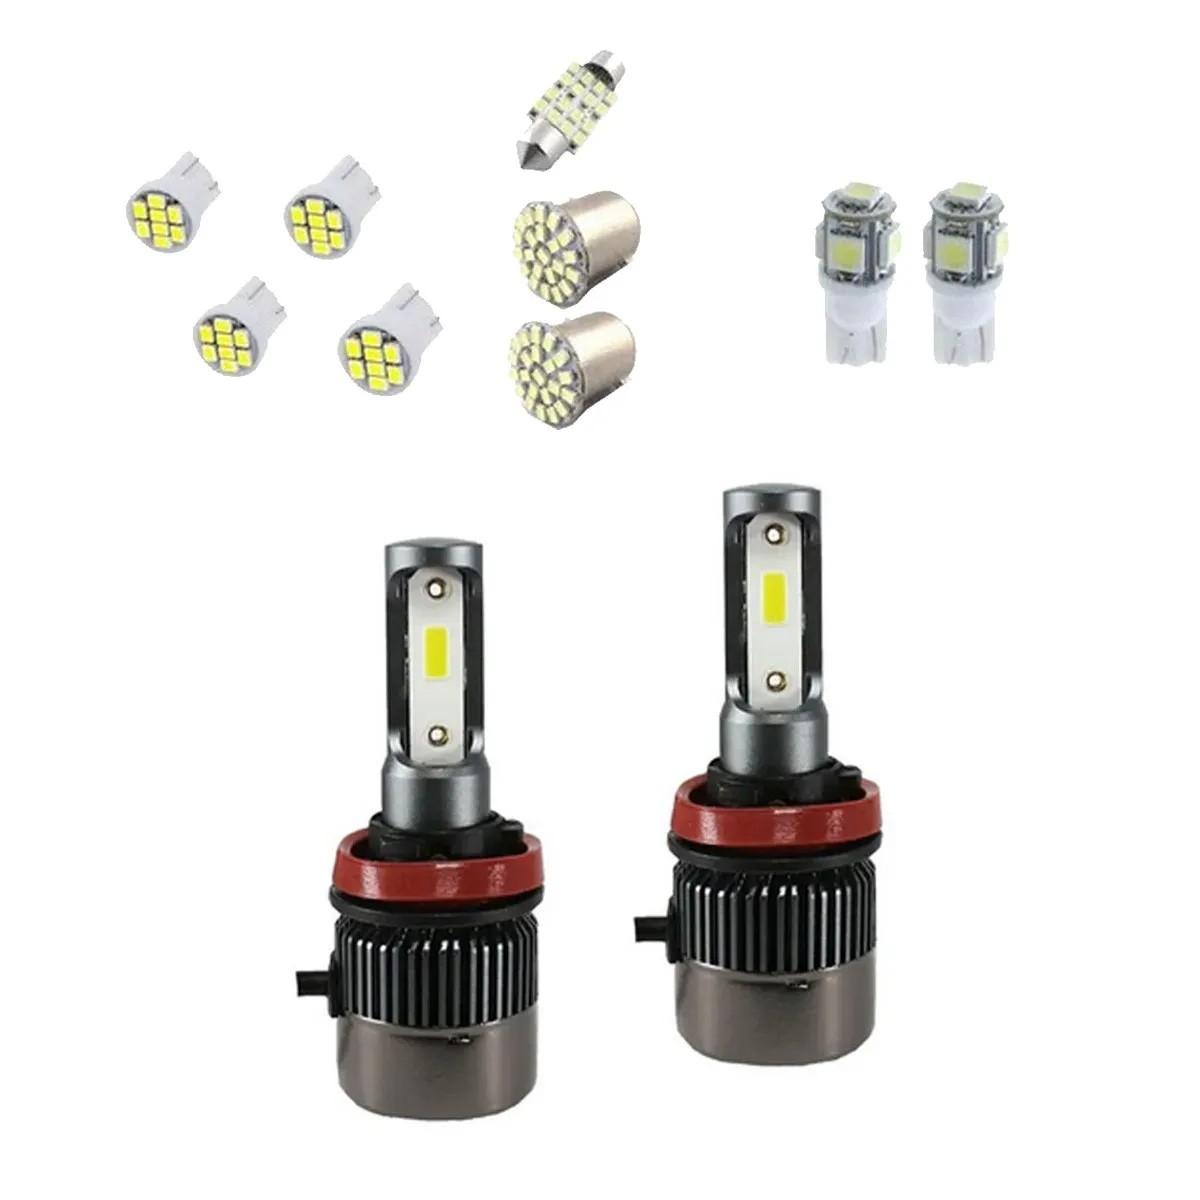 Kit Lâmpadas Ultra Led Full R9 6000k 9000 Lúmens 12v 24v H4 + Kit Leds Interior Cortesia